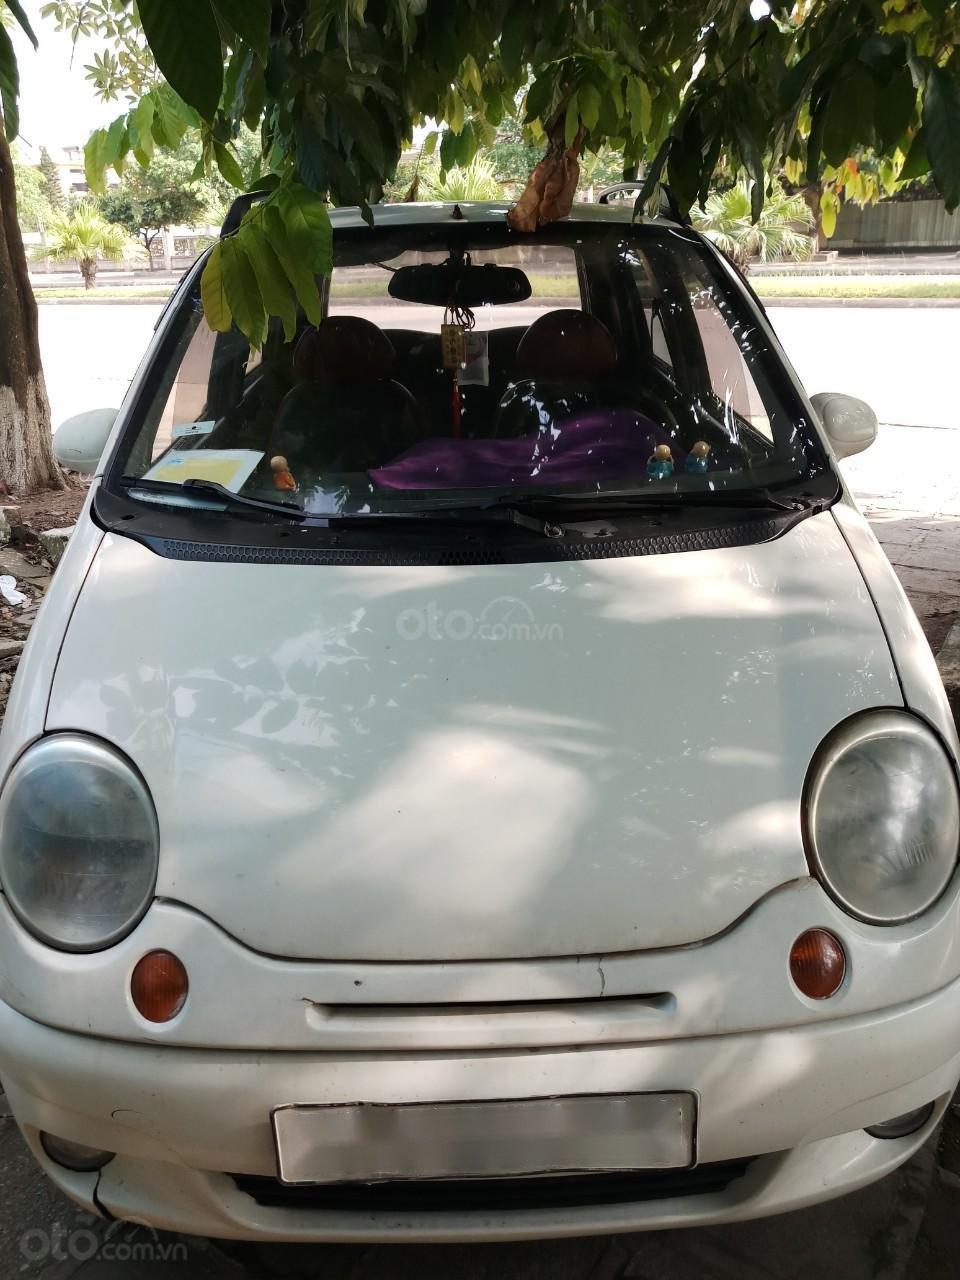 (ĐÃ BÁN) Gia đình cần lên đời nên bán xe Matiz 2 2003 tư nhân, giá 42tr (2)